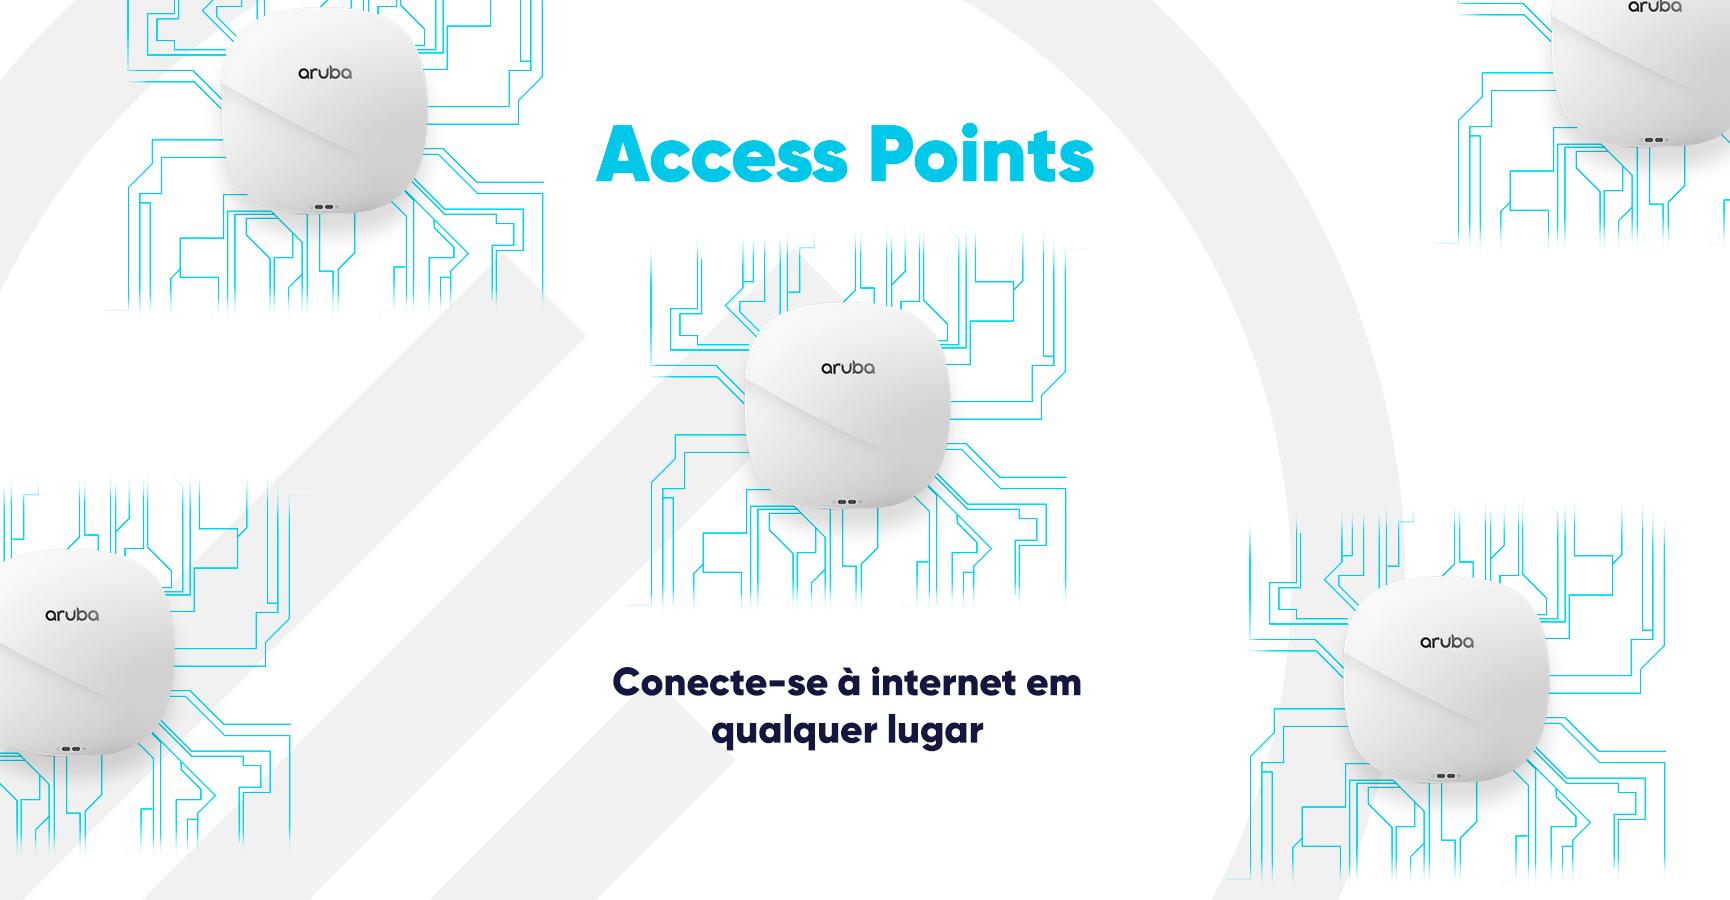 Access Points: conecte-se à internet em qualquer lugar